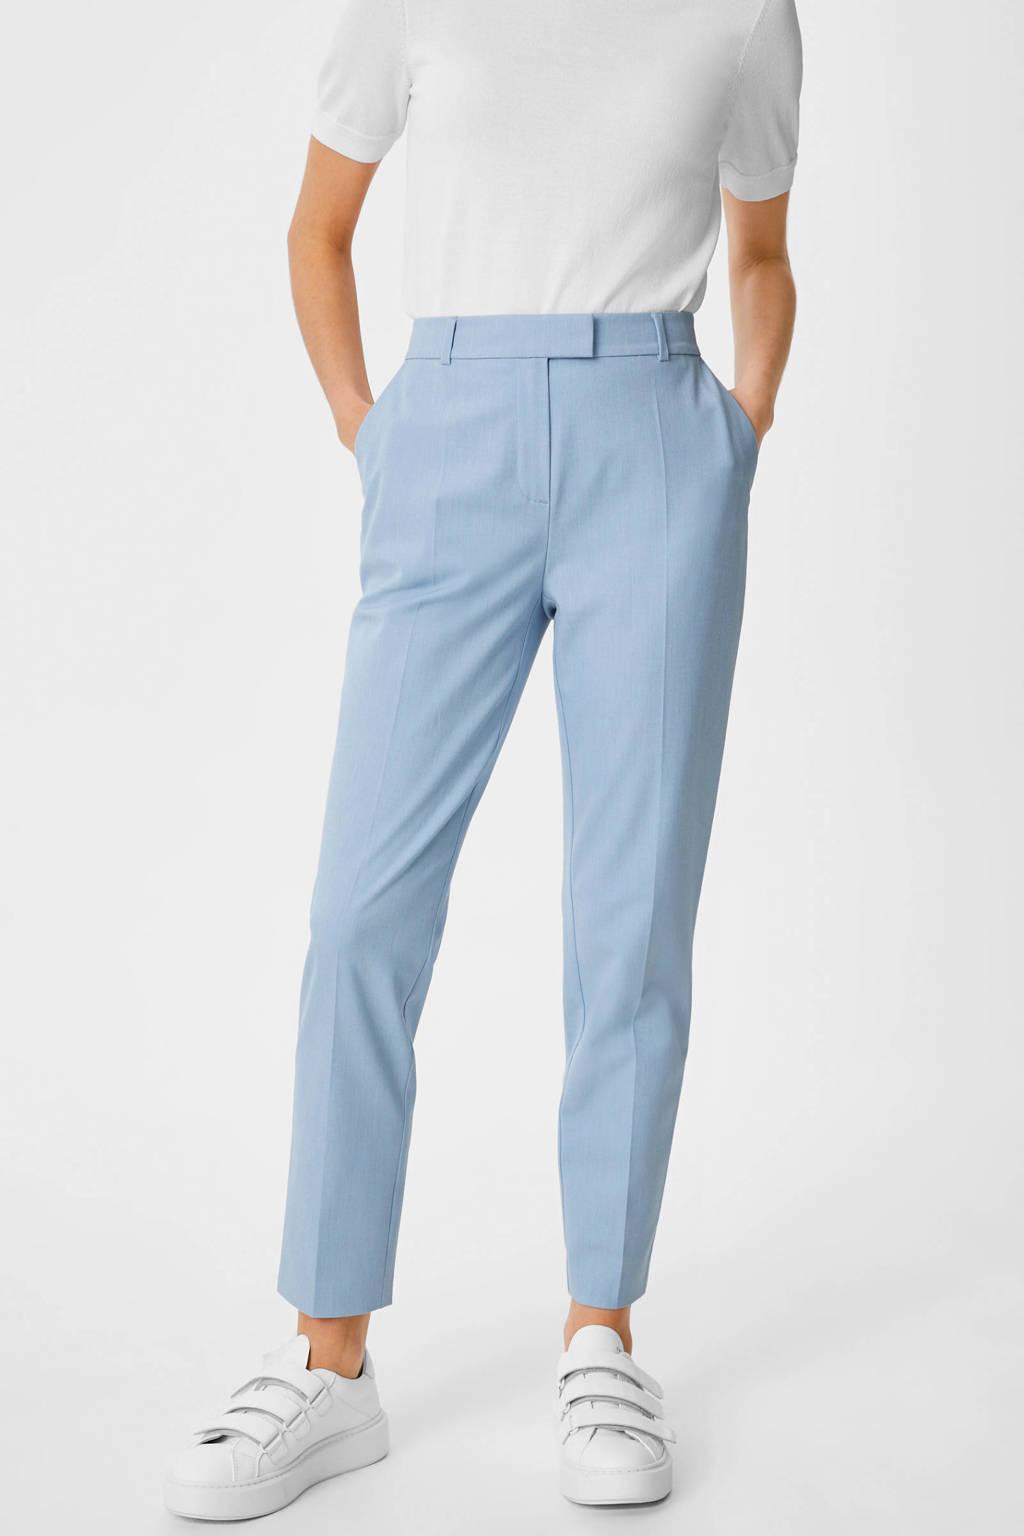 C&A Yessica Tailored slim fit broek lichtblauw, Lichtblauw